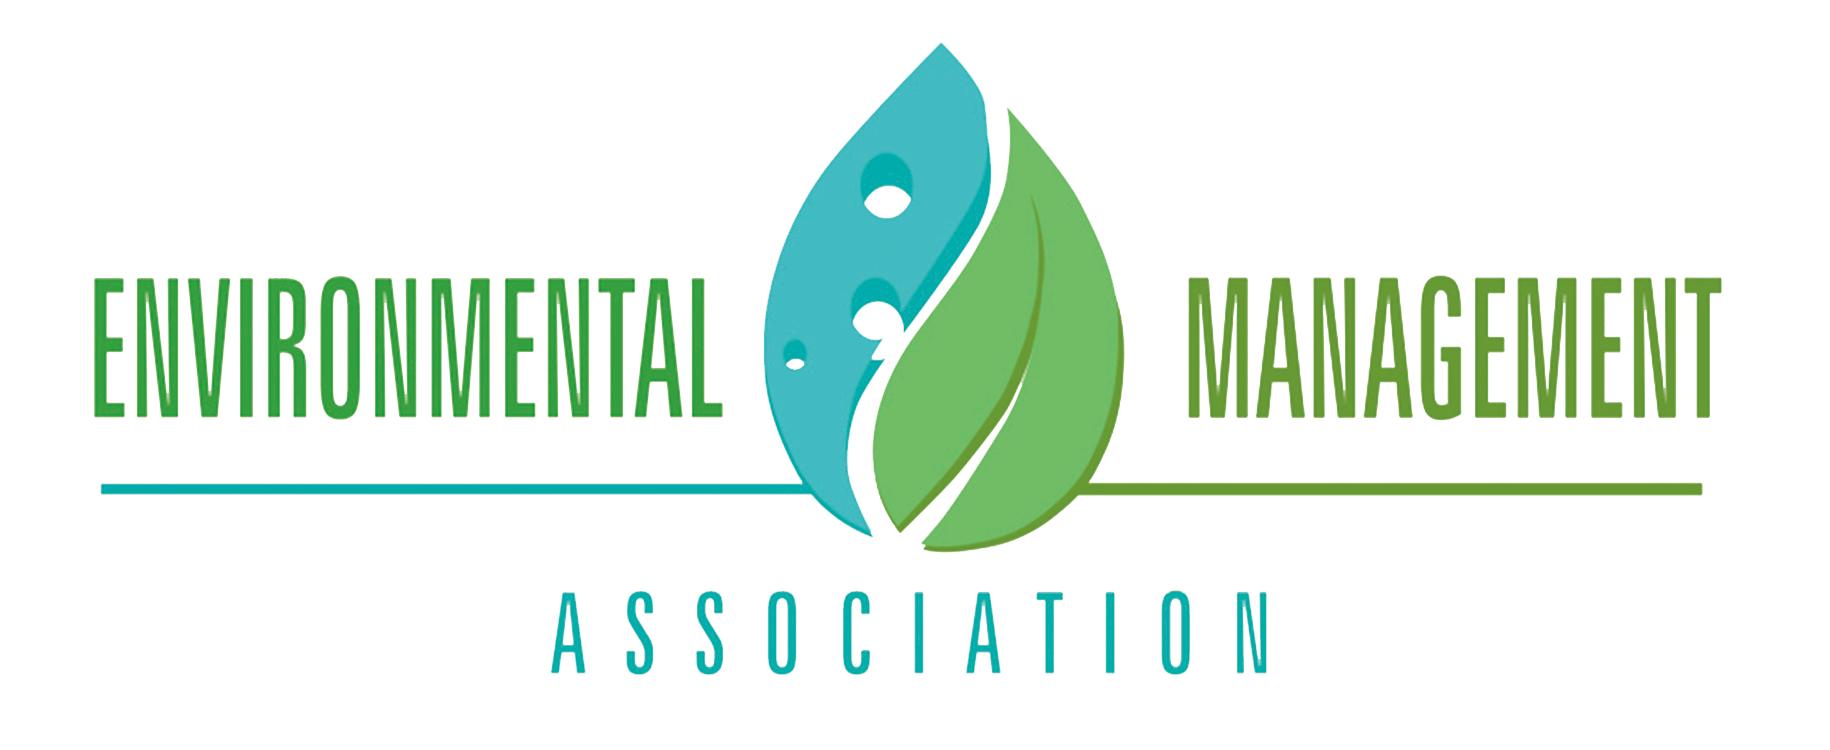 Environmental Management Association